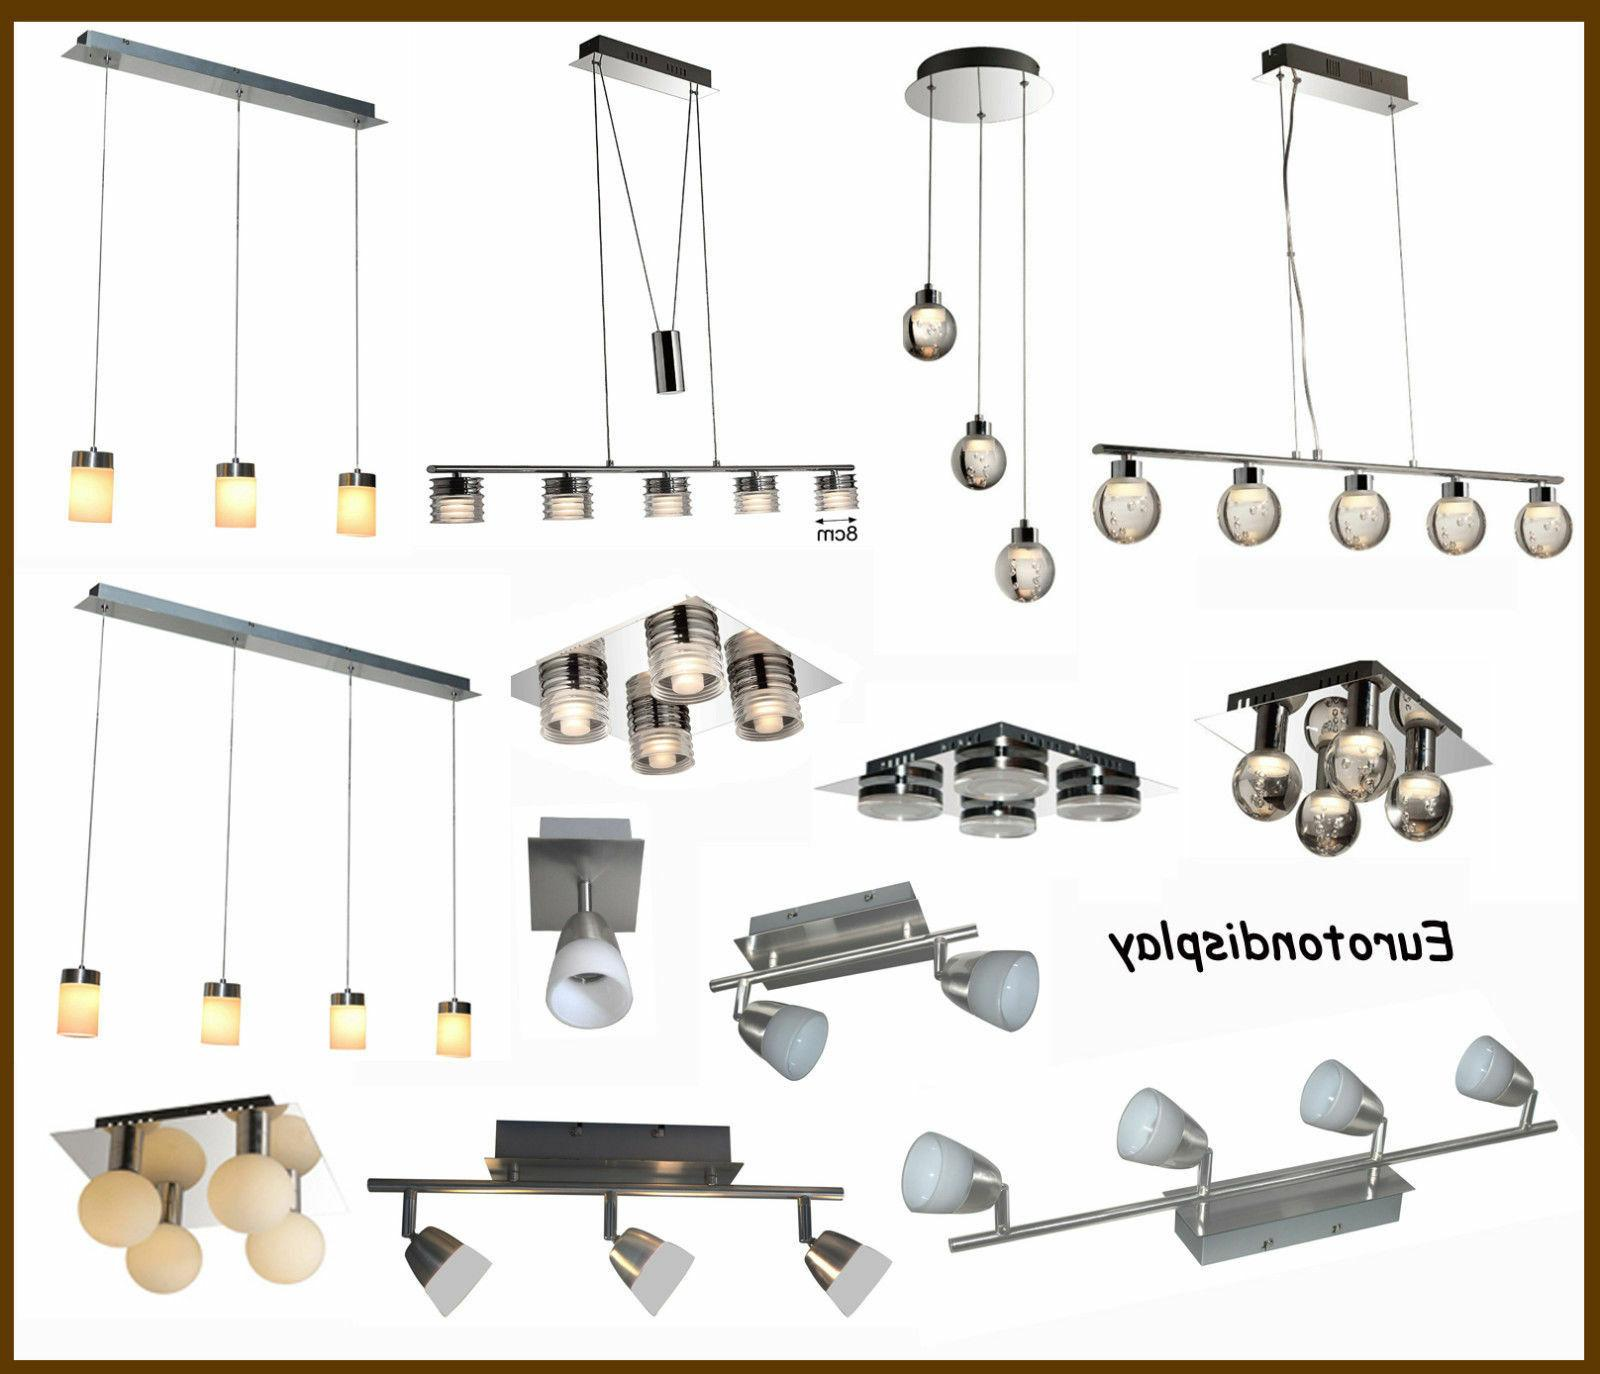 plafonnier led luminaire suspendu source eclairage inclus